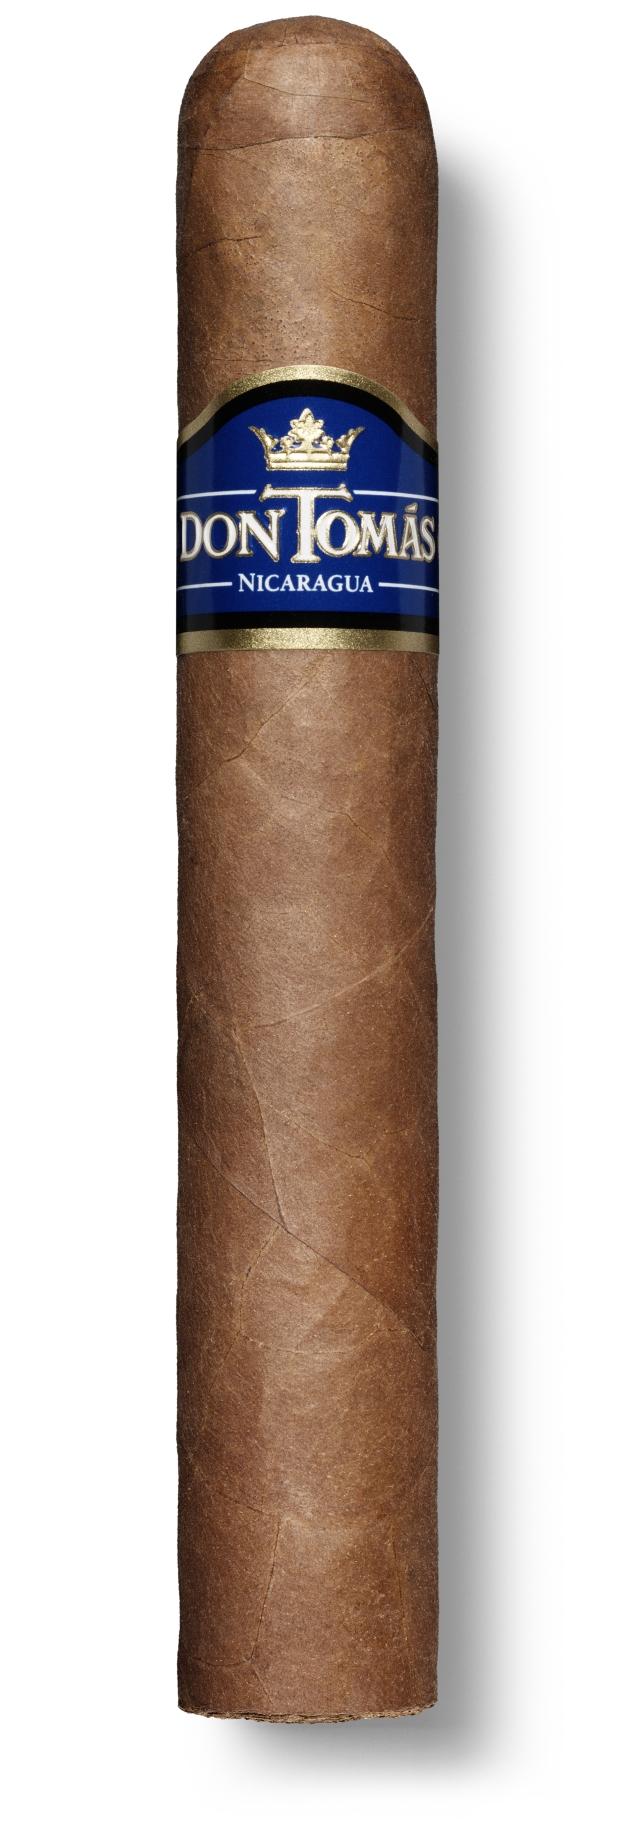 don-tomas-nicaragua_gigante_cigar